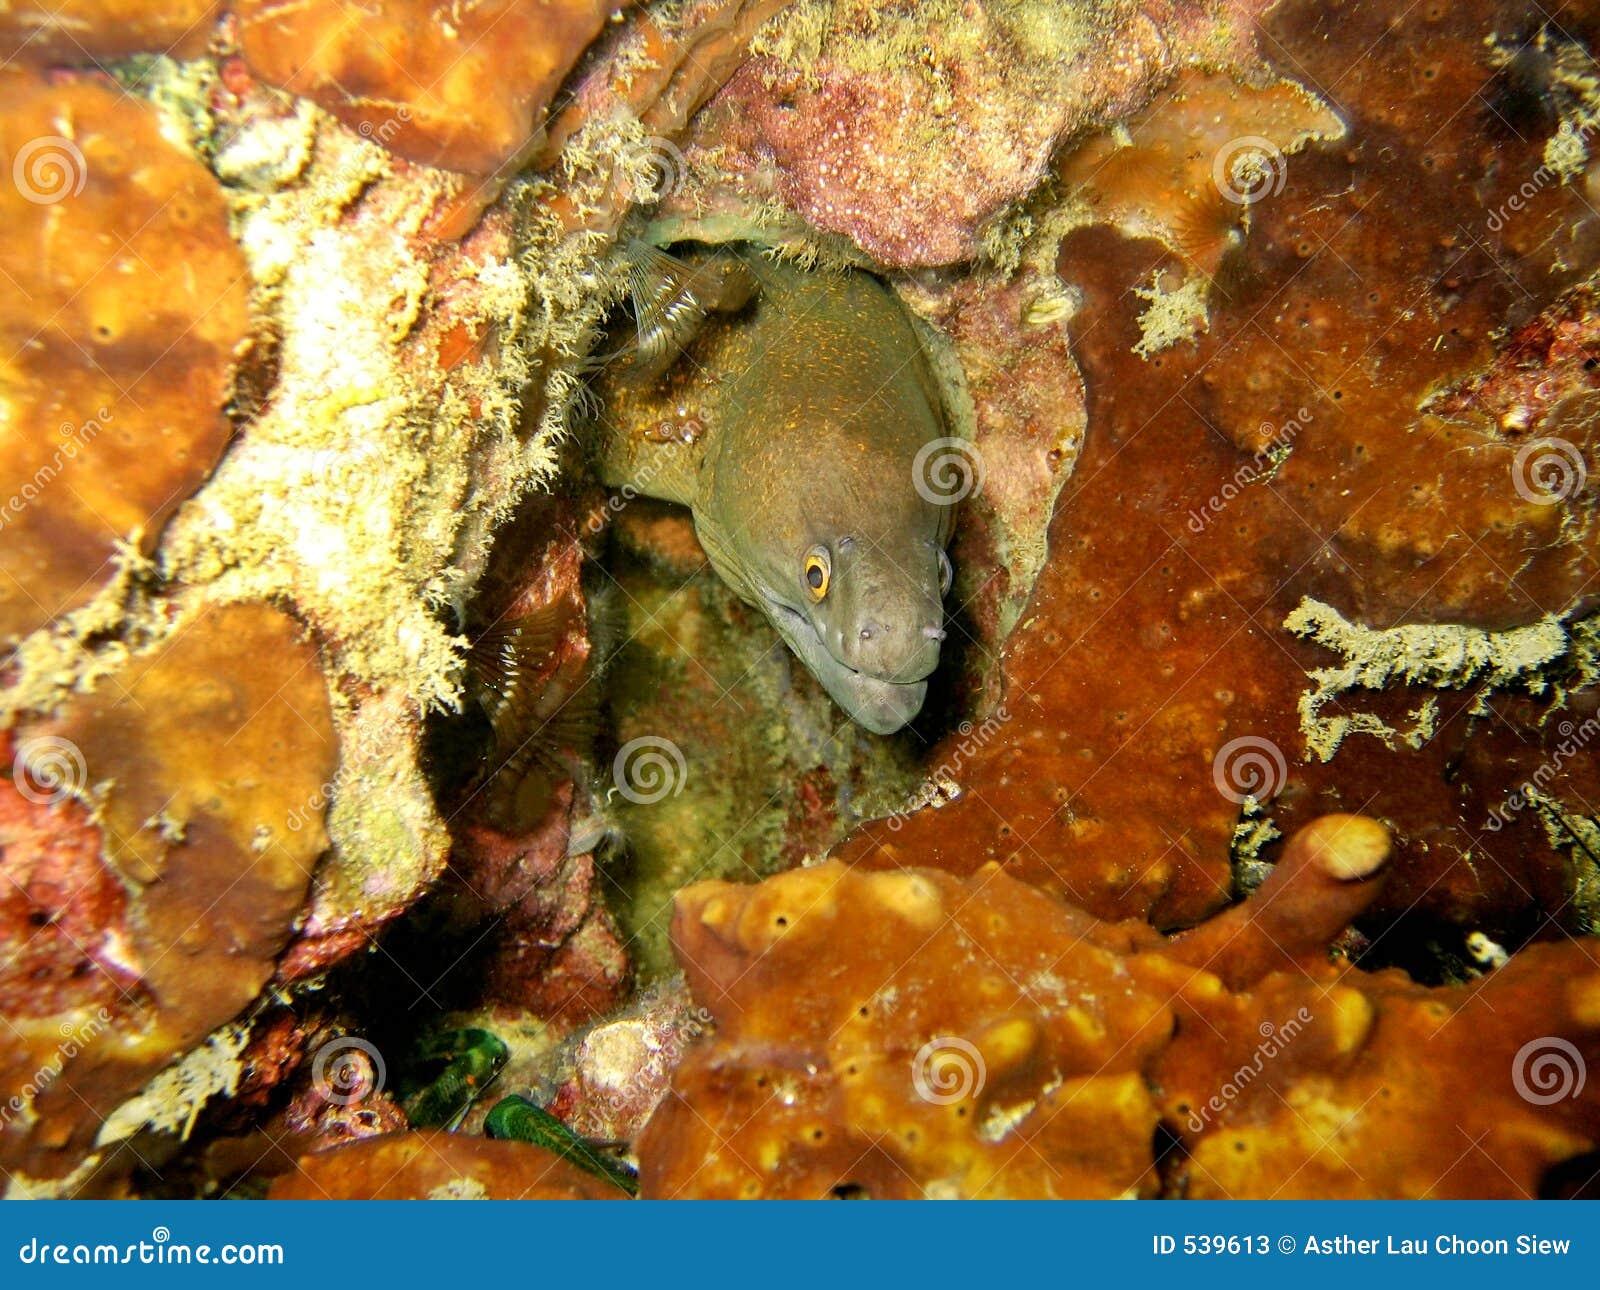 Download 夜的海鳗 库存图片. 图片 包括有 水生, 珊瑚, 水下, 橙色, 海洋, 鳗鱼, 海运, 题头, 礁石, 隐藏 - 539613